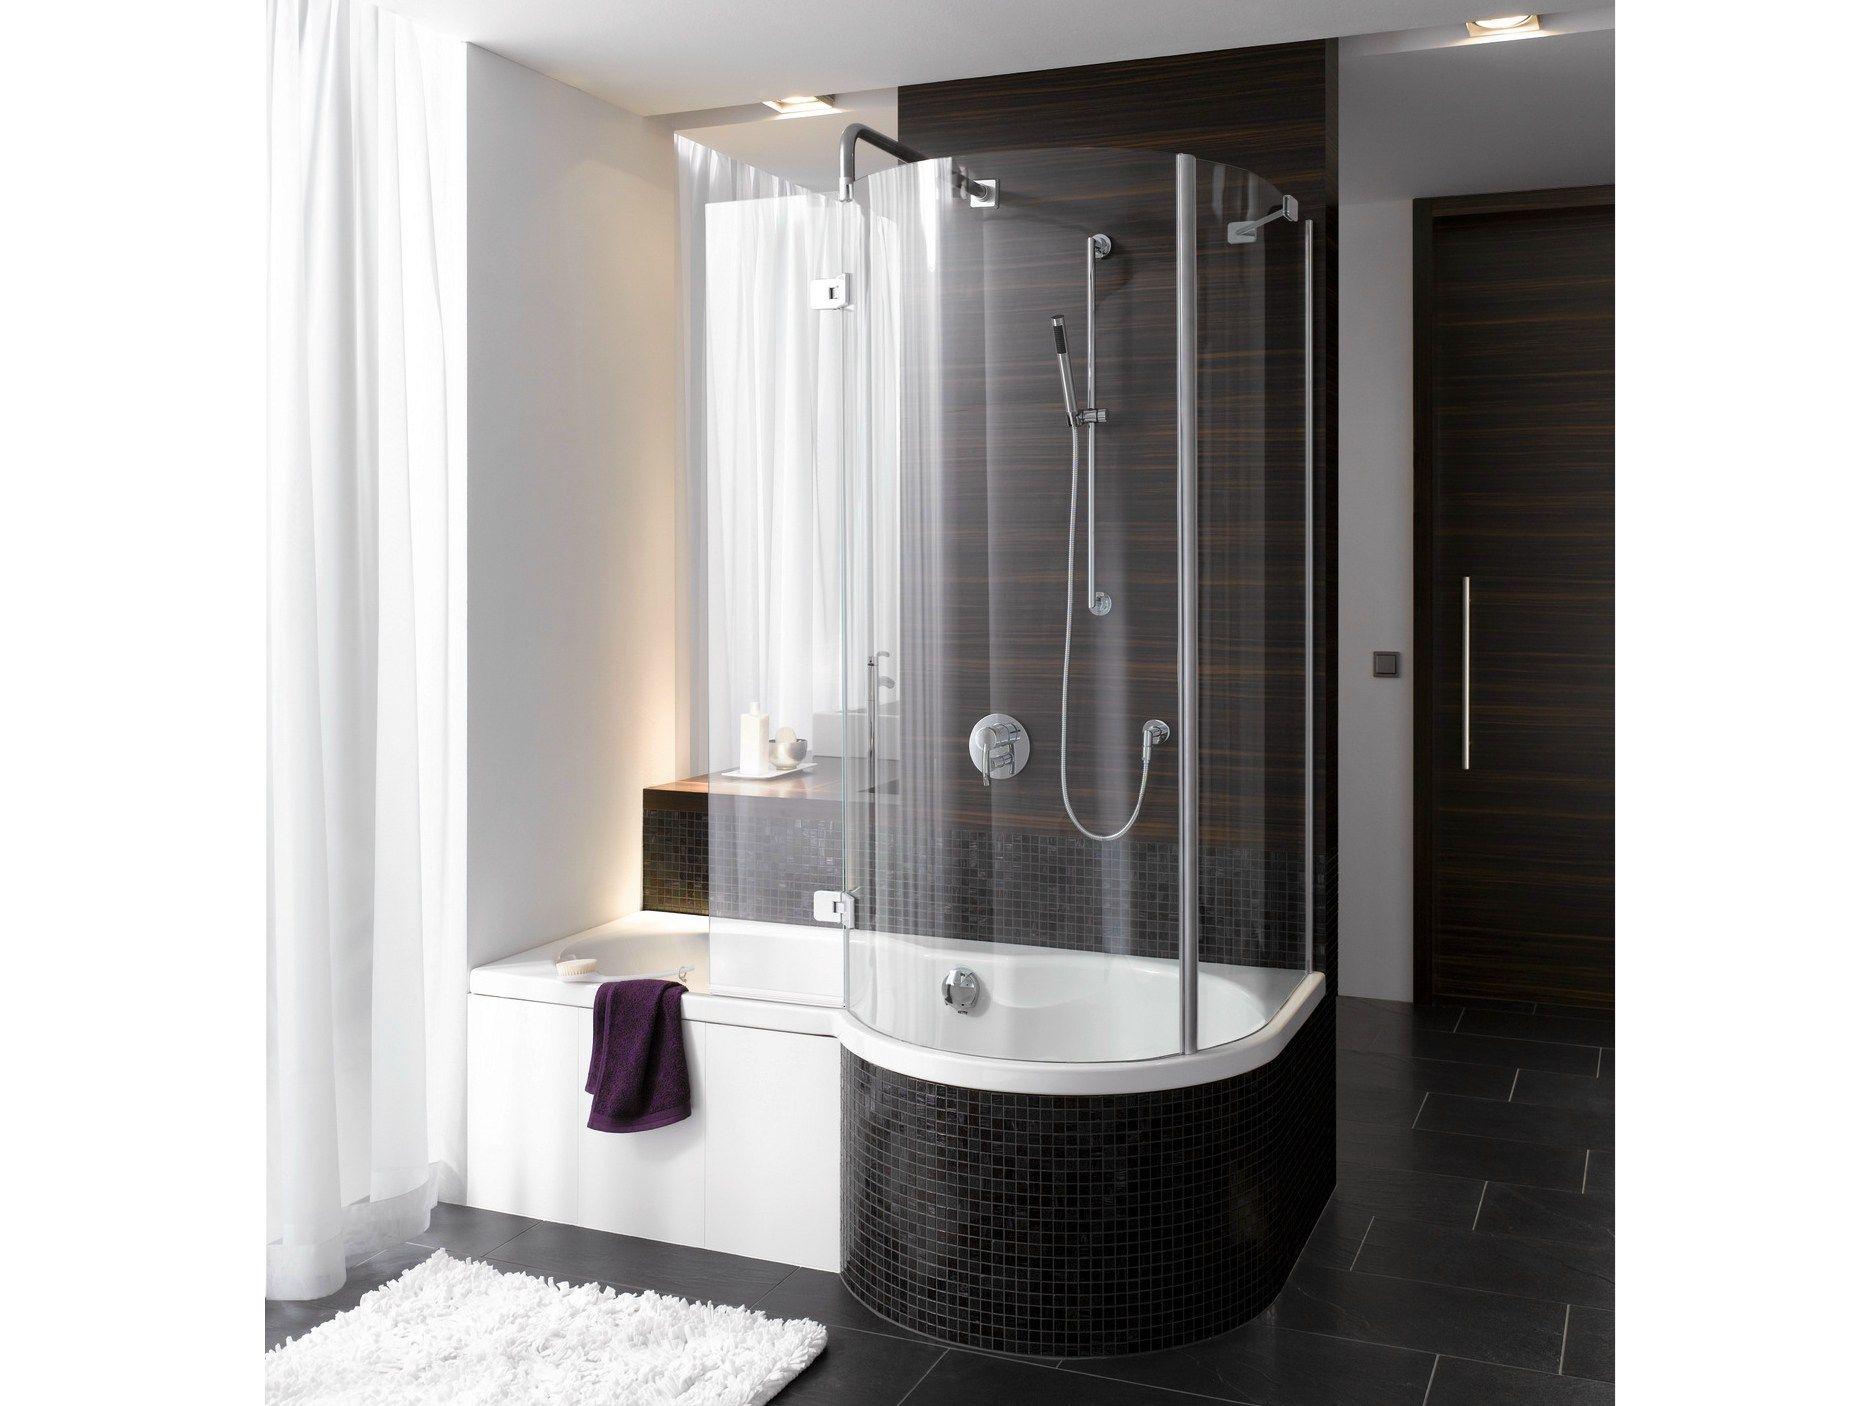 Vasca da bagno in acciaio smaltato con doccia bettecora - Bagno moderno con vasca ...